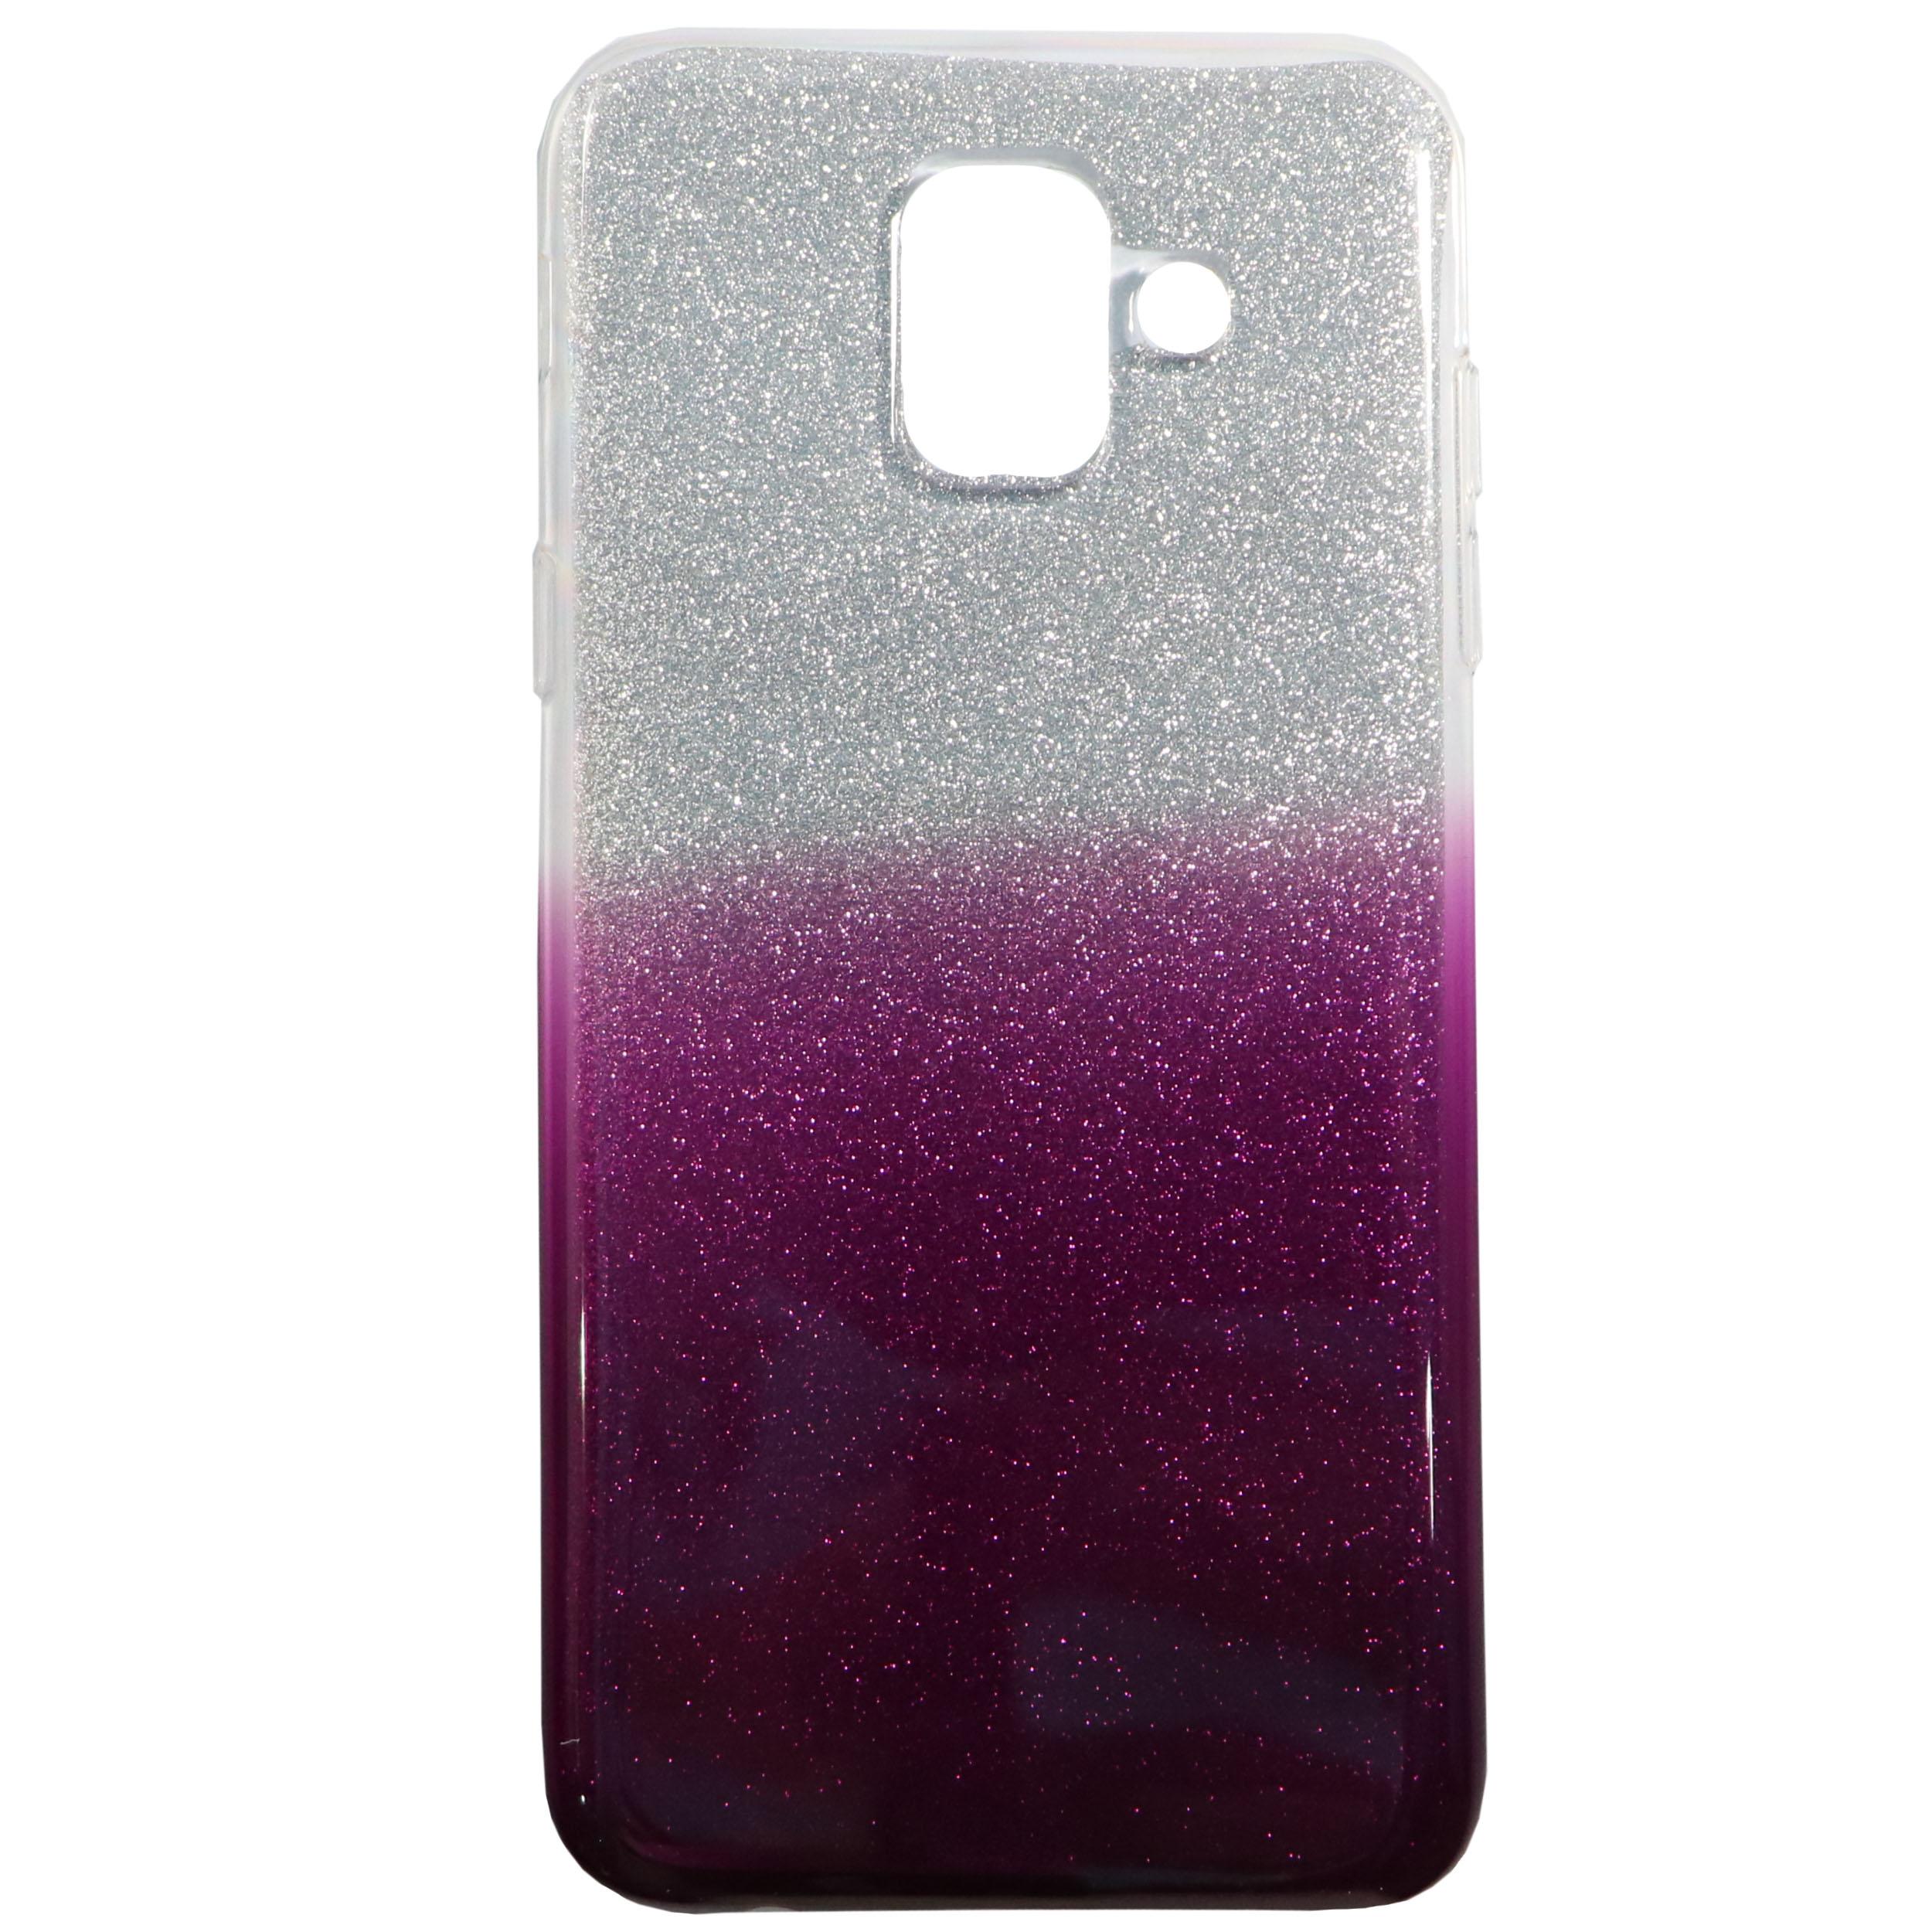 کاور مدل A3 مناسب برای گوشی موبایل سامسونگ Galaxy A6